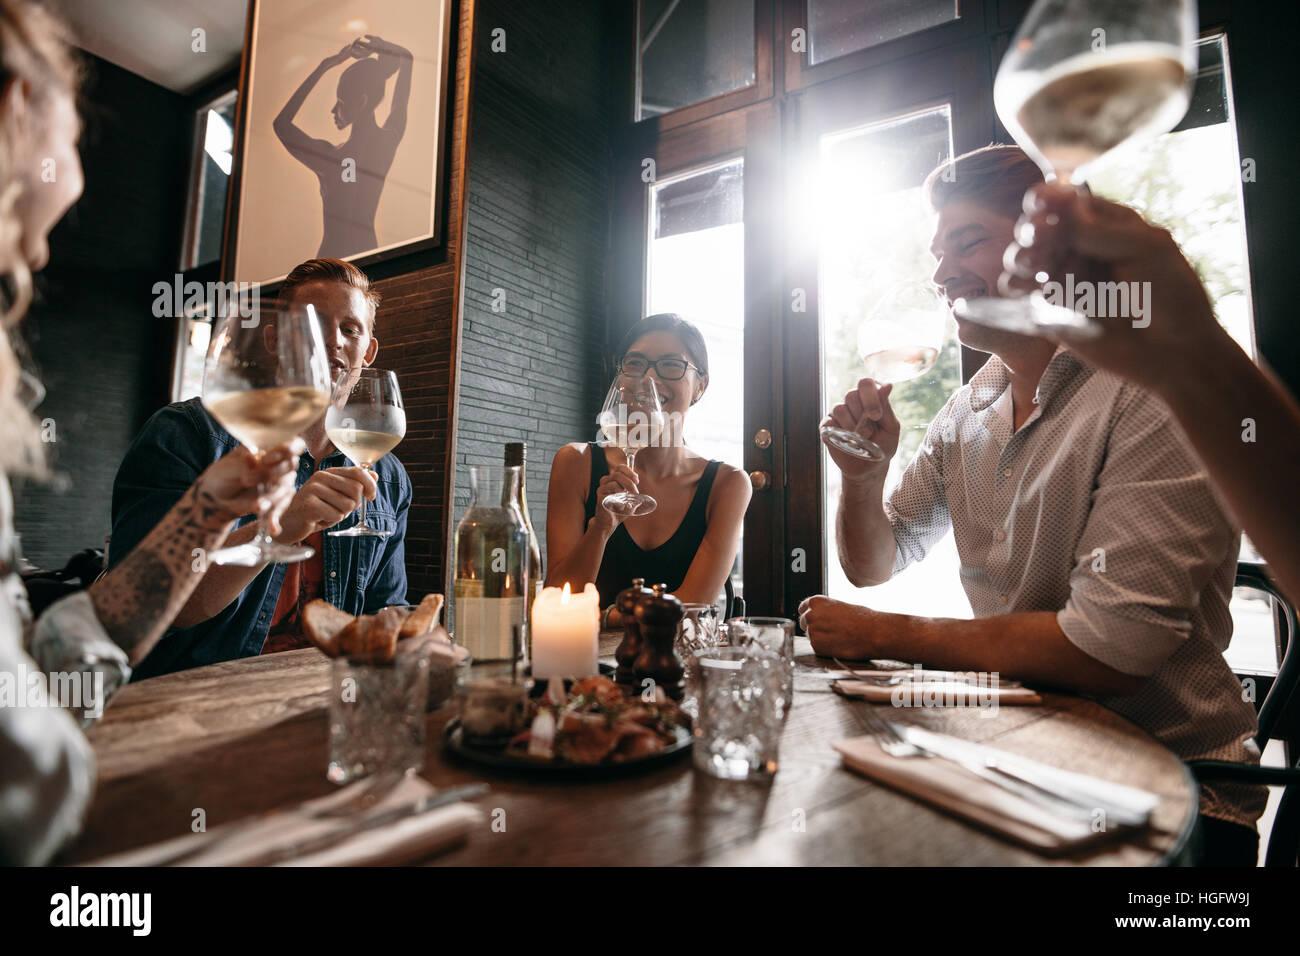 Diversi gruppi di giovani aventi il vino al ristorante. Gli uomini e le donne che si incontrano in un ristorante Immagini Stock